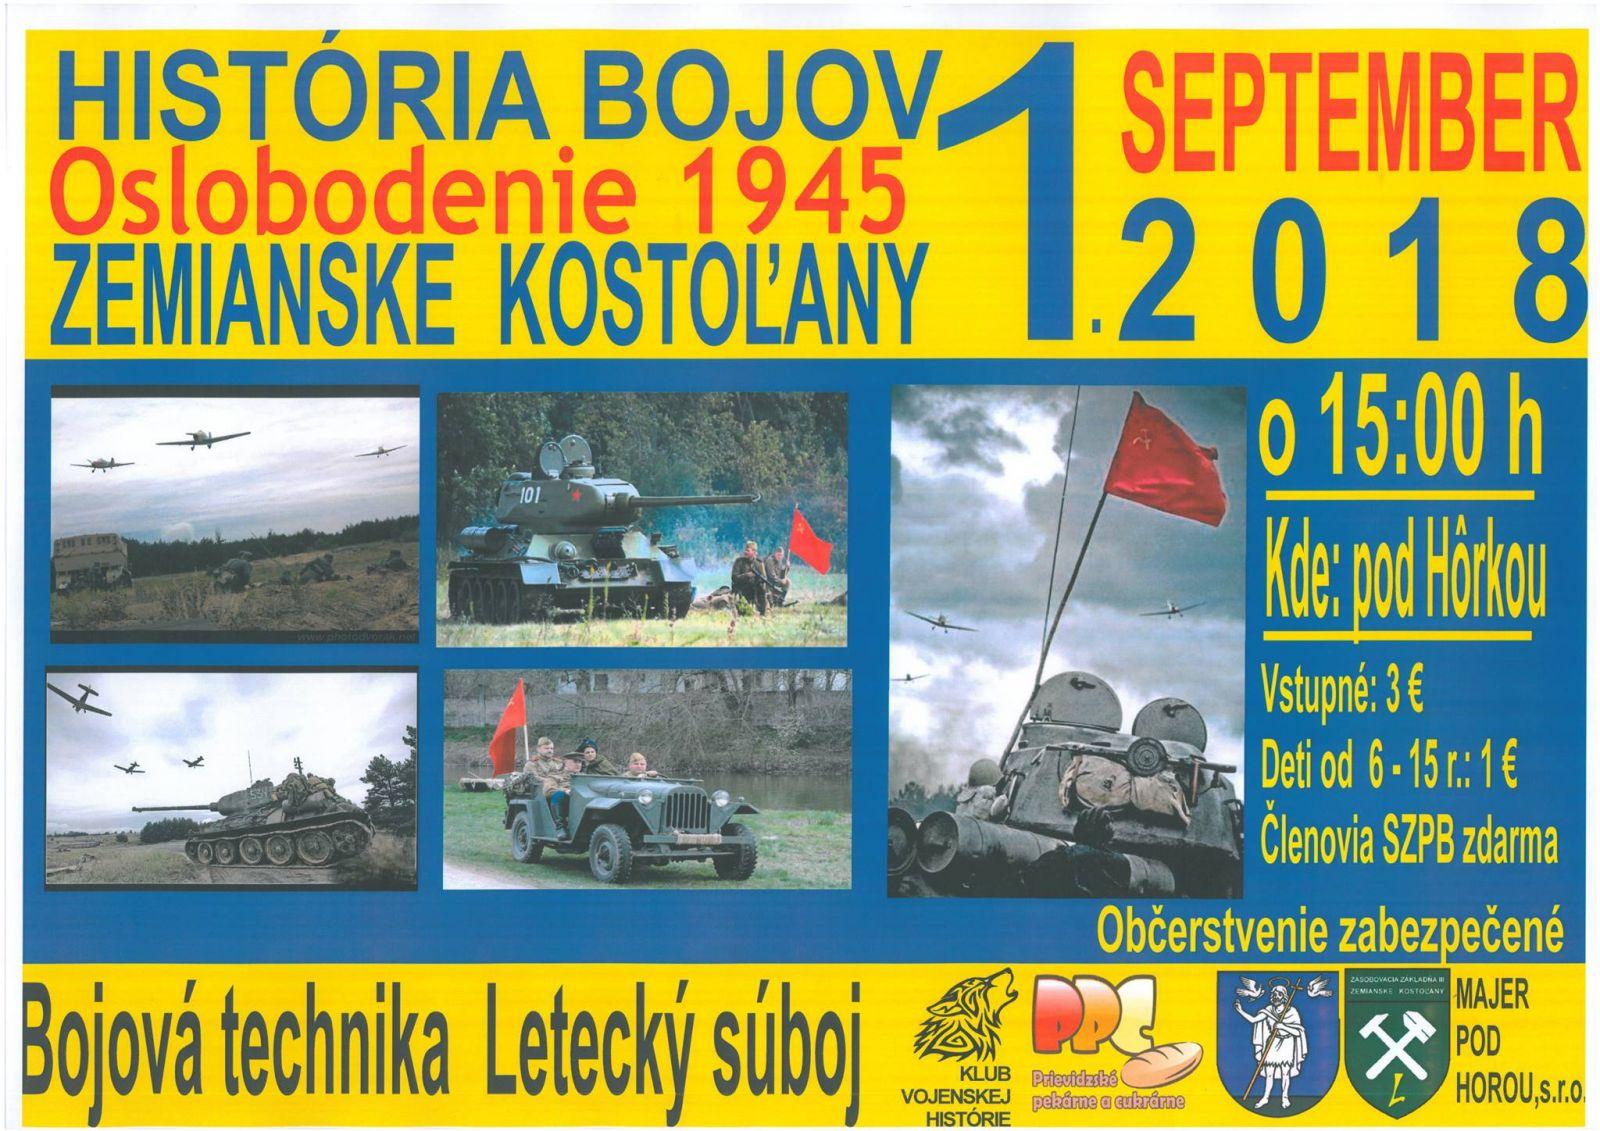 História bojov - Oslobodenie 1945 - Zemianske Kostoľany